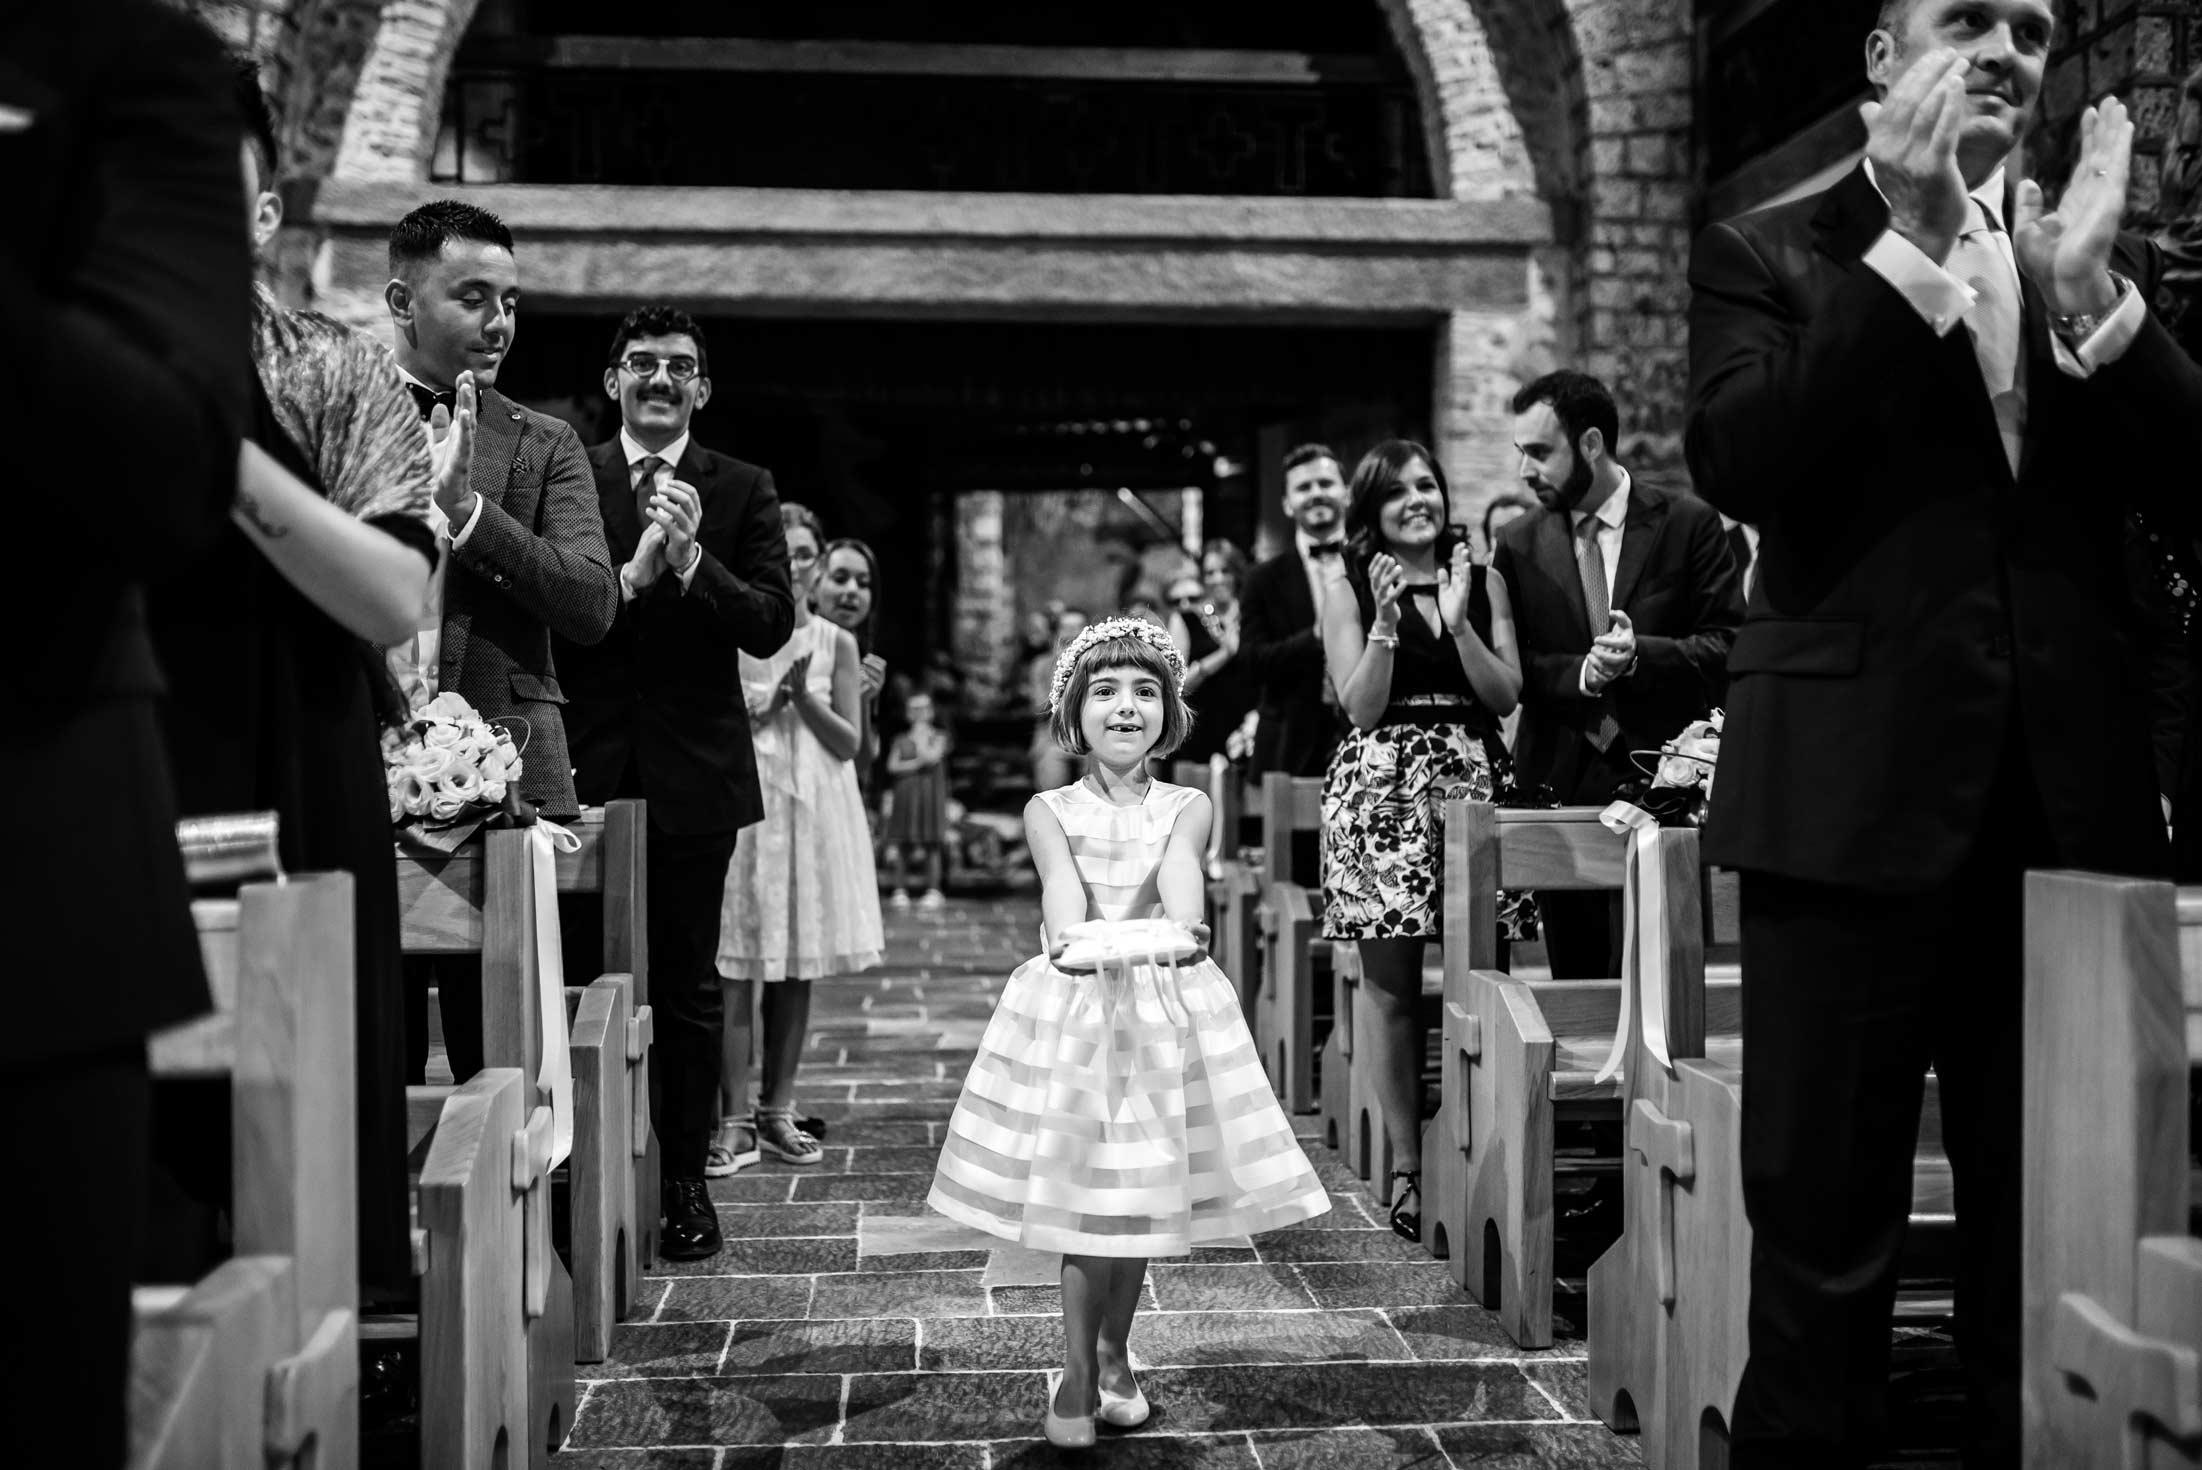 Fotografo-Stile-Reportage-Di-Matrimonio-Roma-Cerimonia